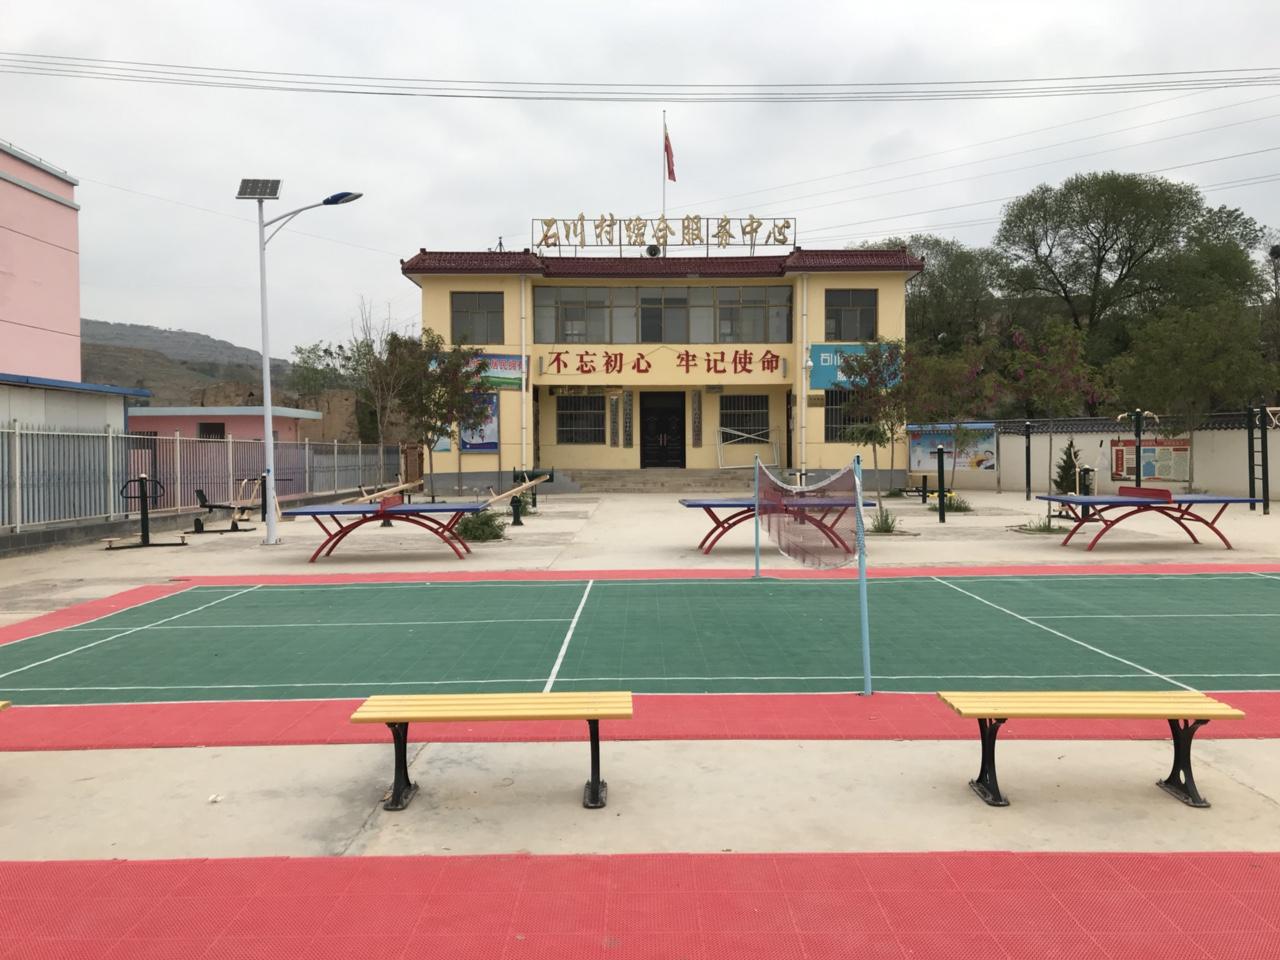 【文化惠民】马关镇石川村综合文化服务中心风采